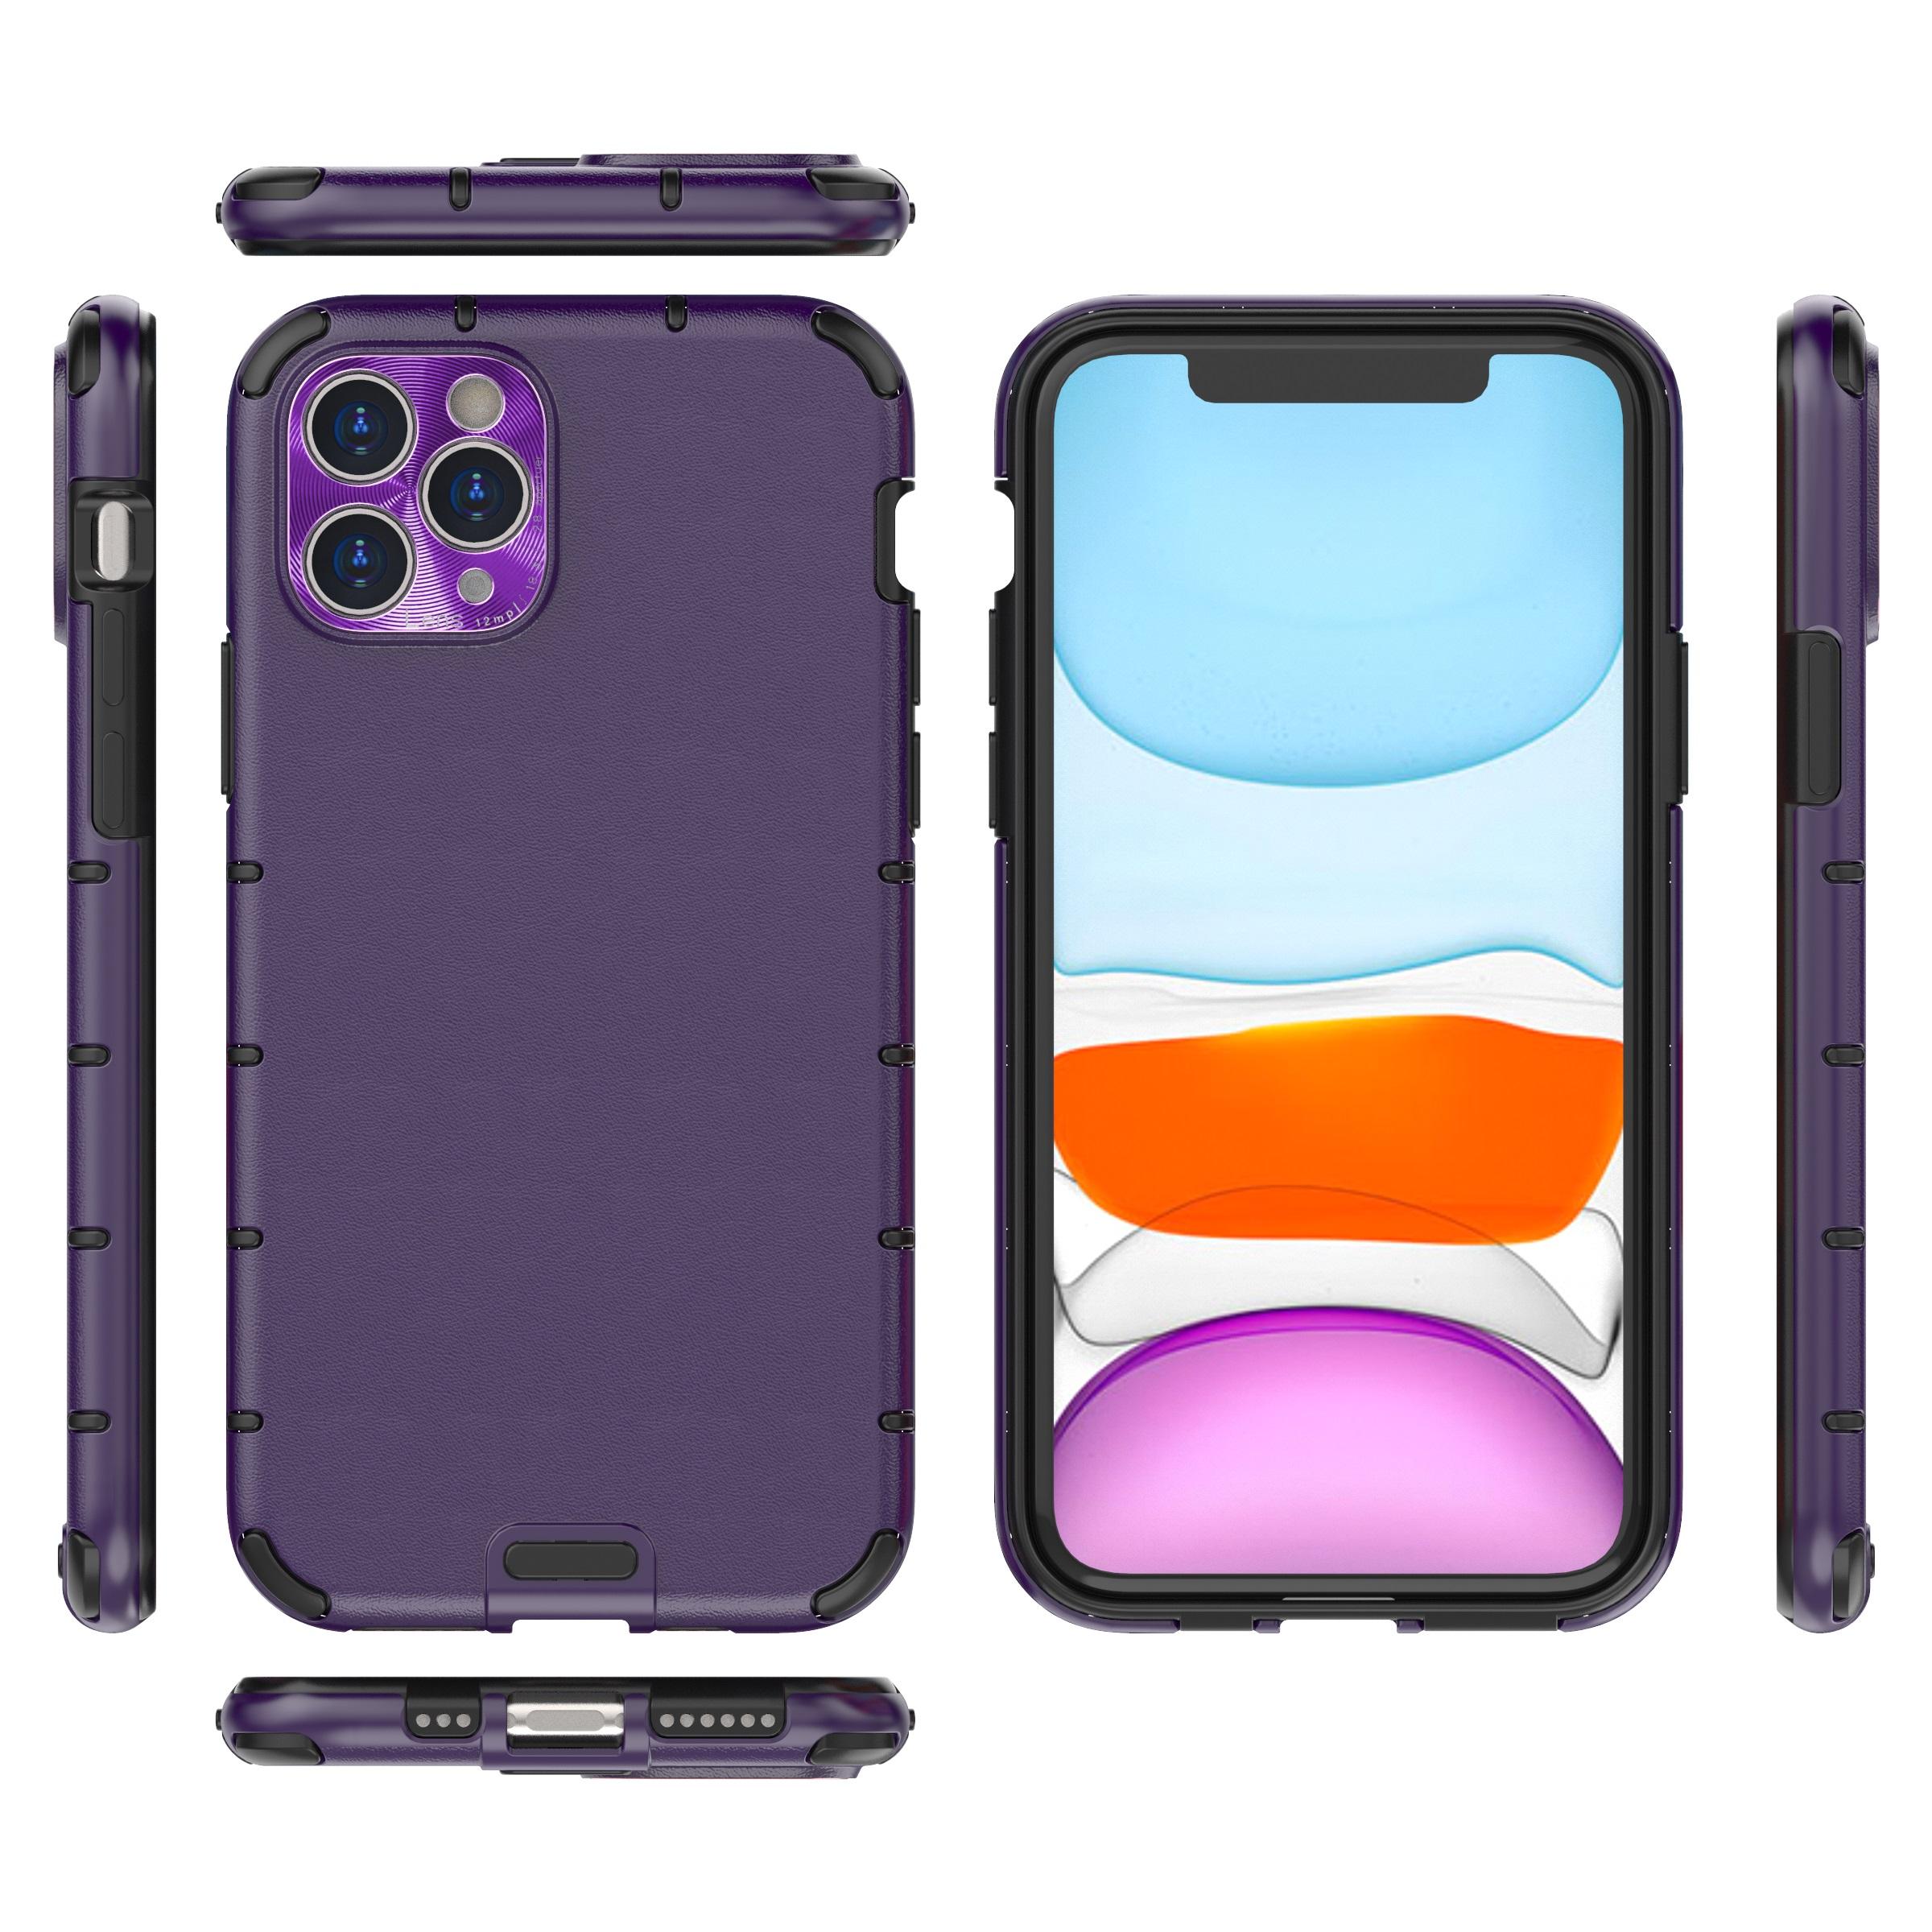 بررسی و {خرید با تخفیف} کاور مدل Silk-1 مناسب برای گوشی موبایل اپل Iphone 11 Pro اصل